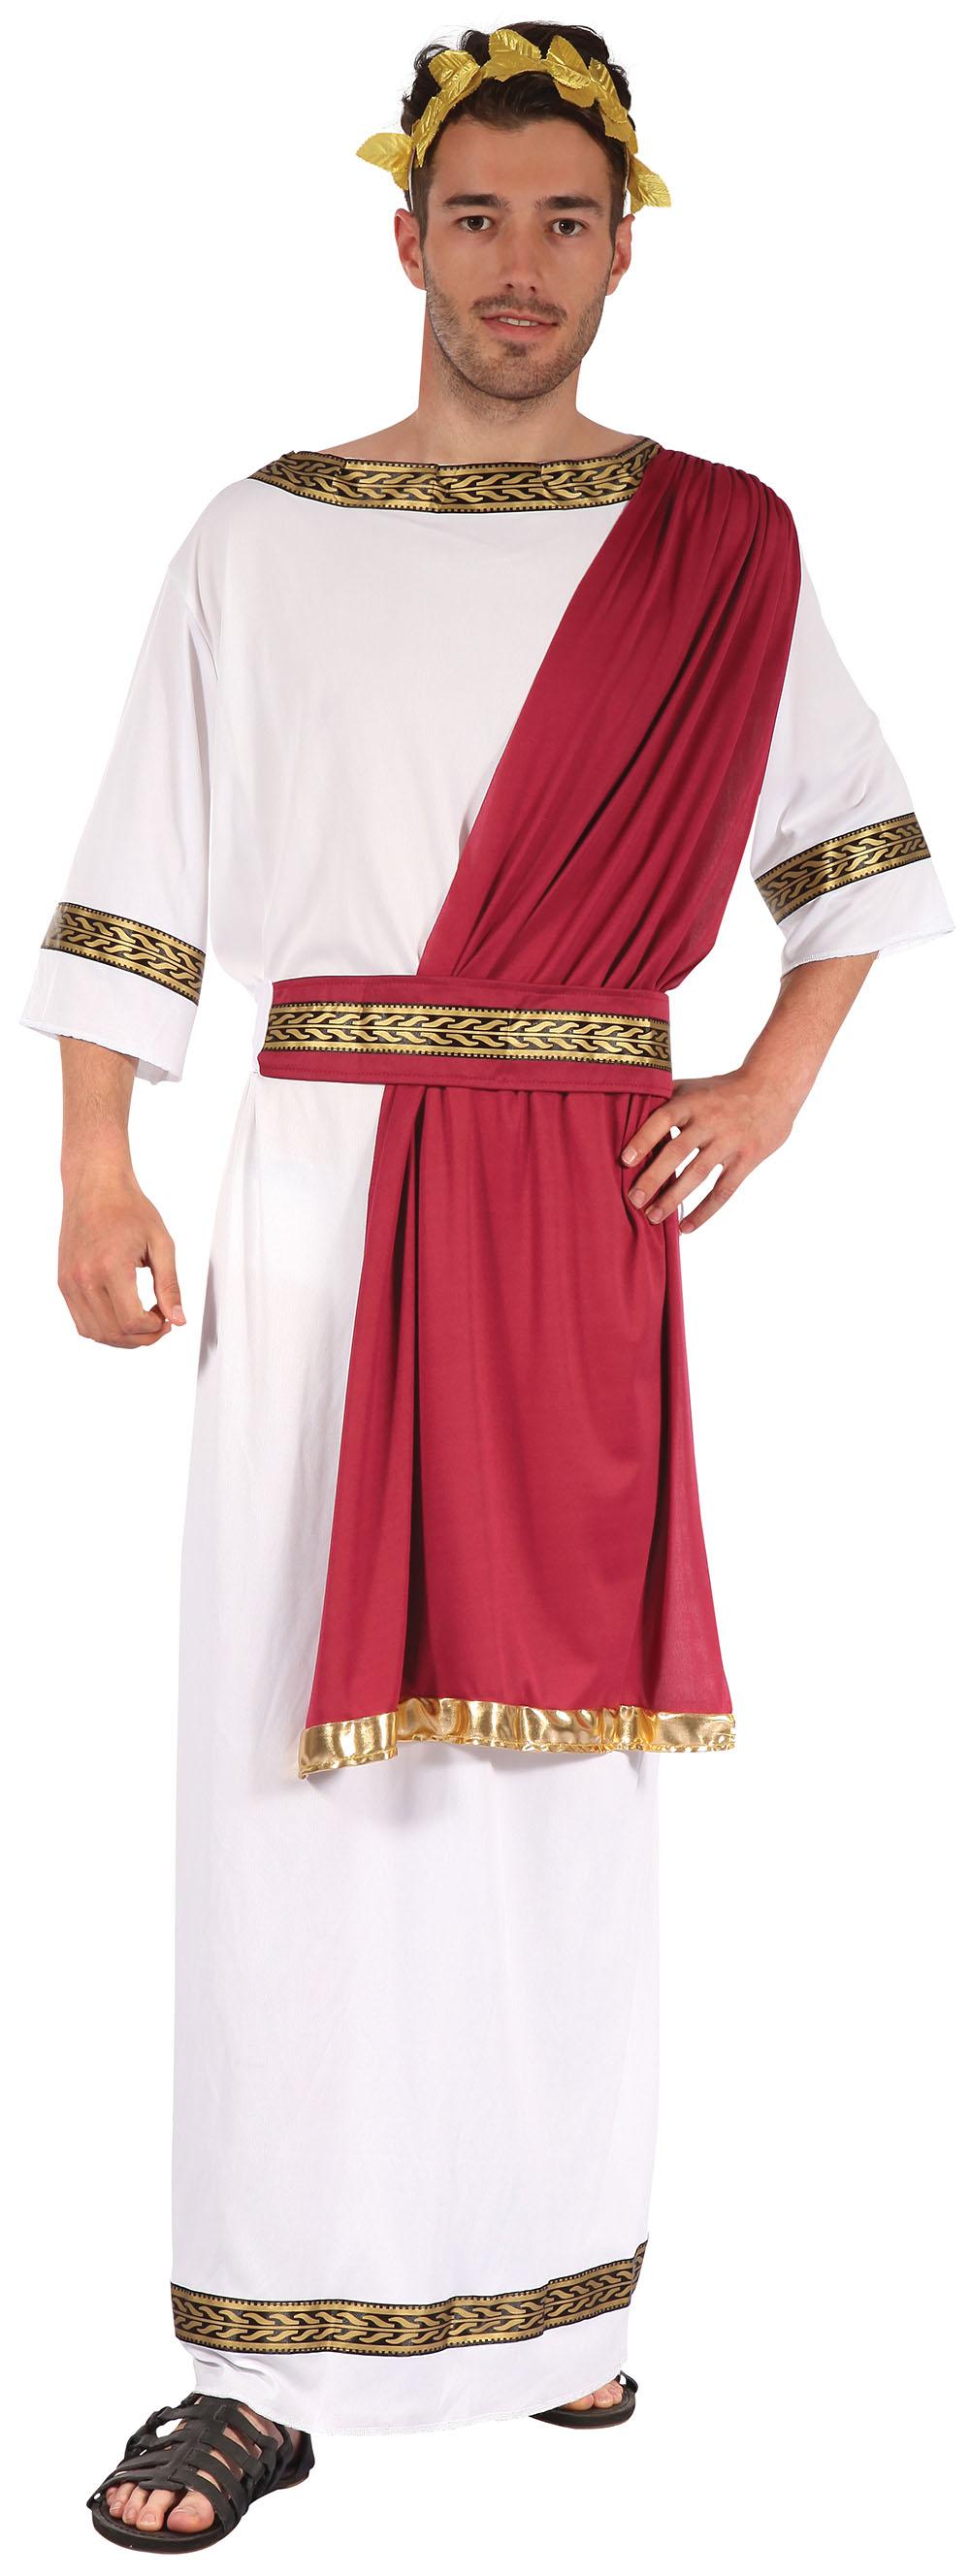 Images dieux grecs et romains dresses